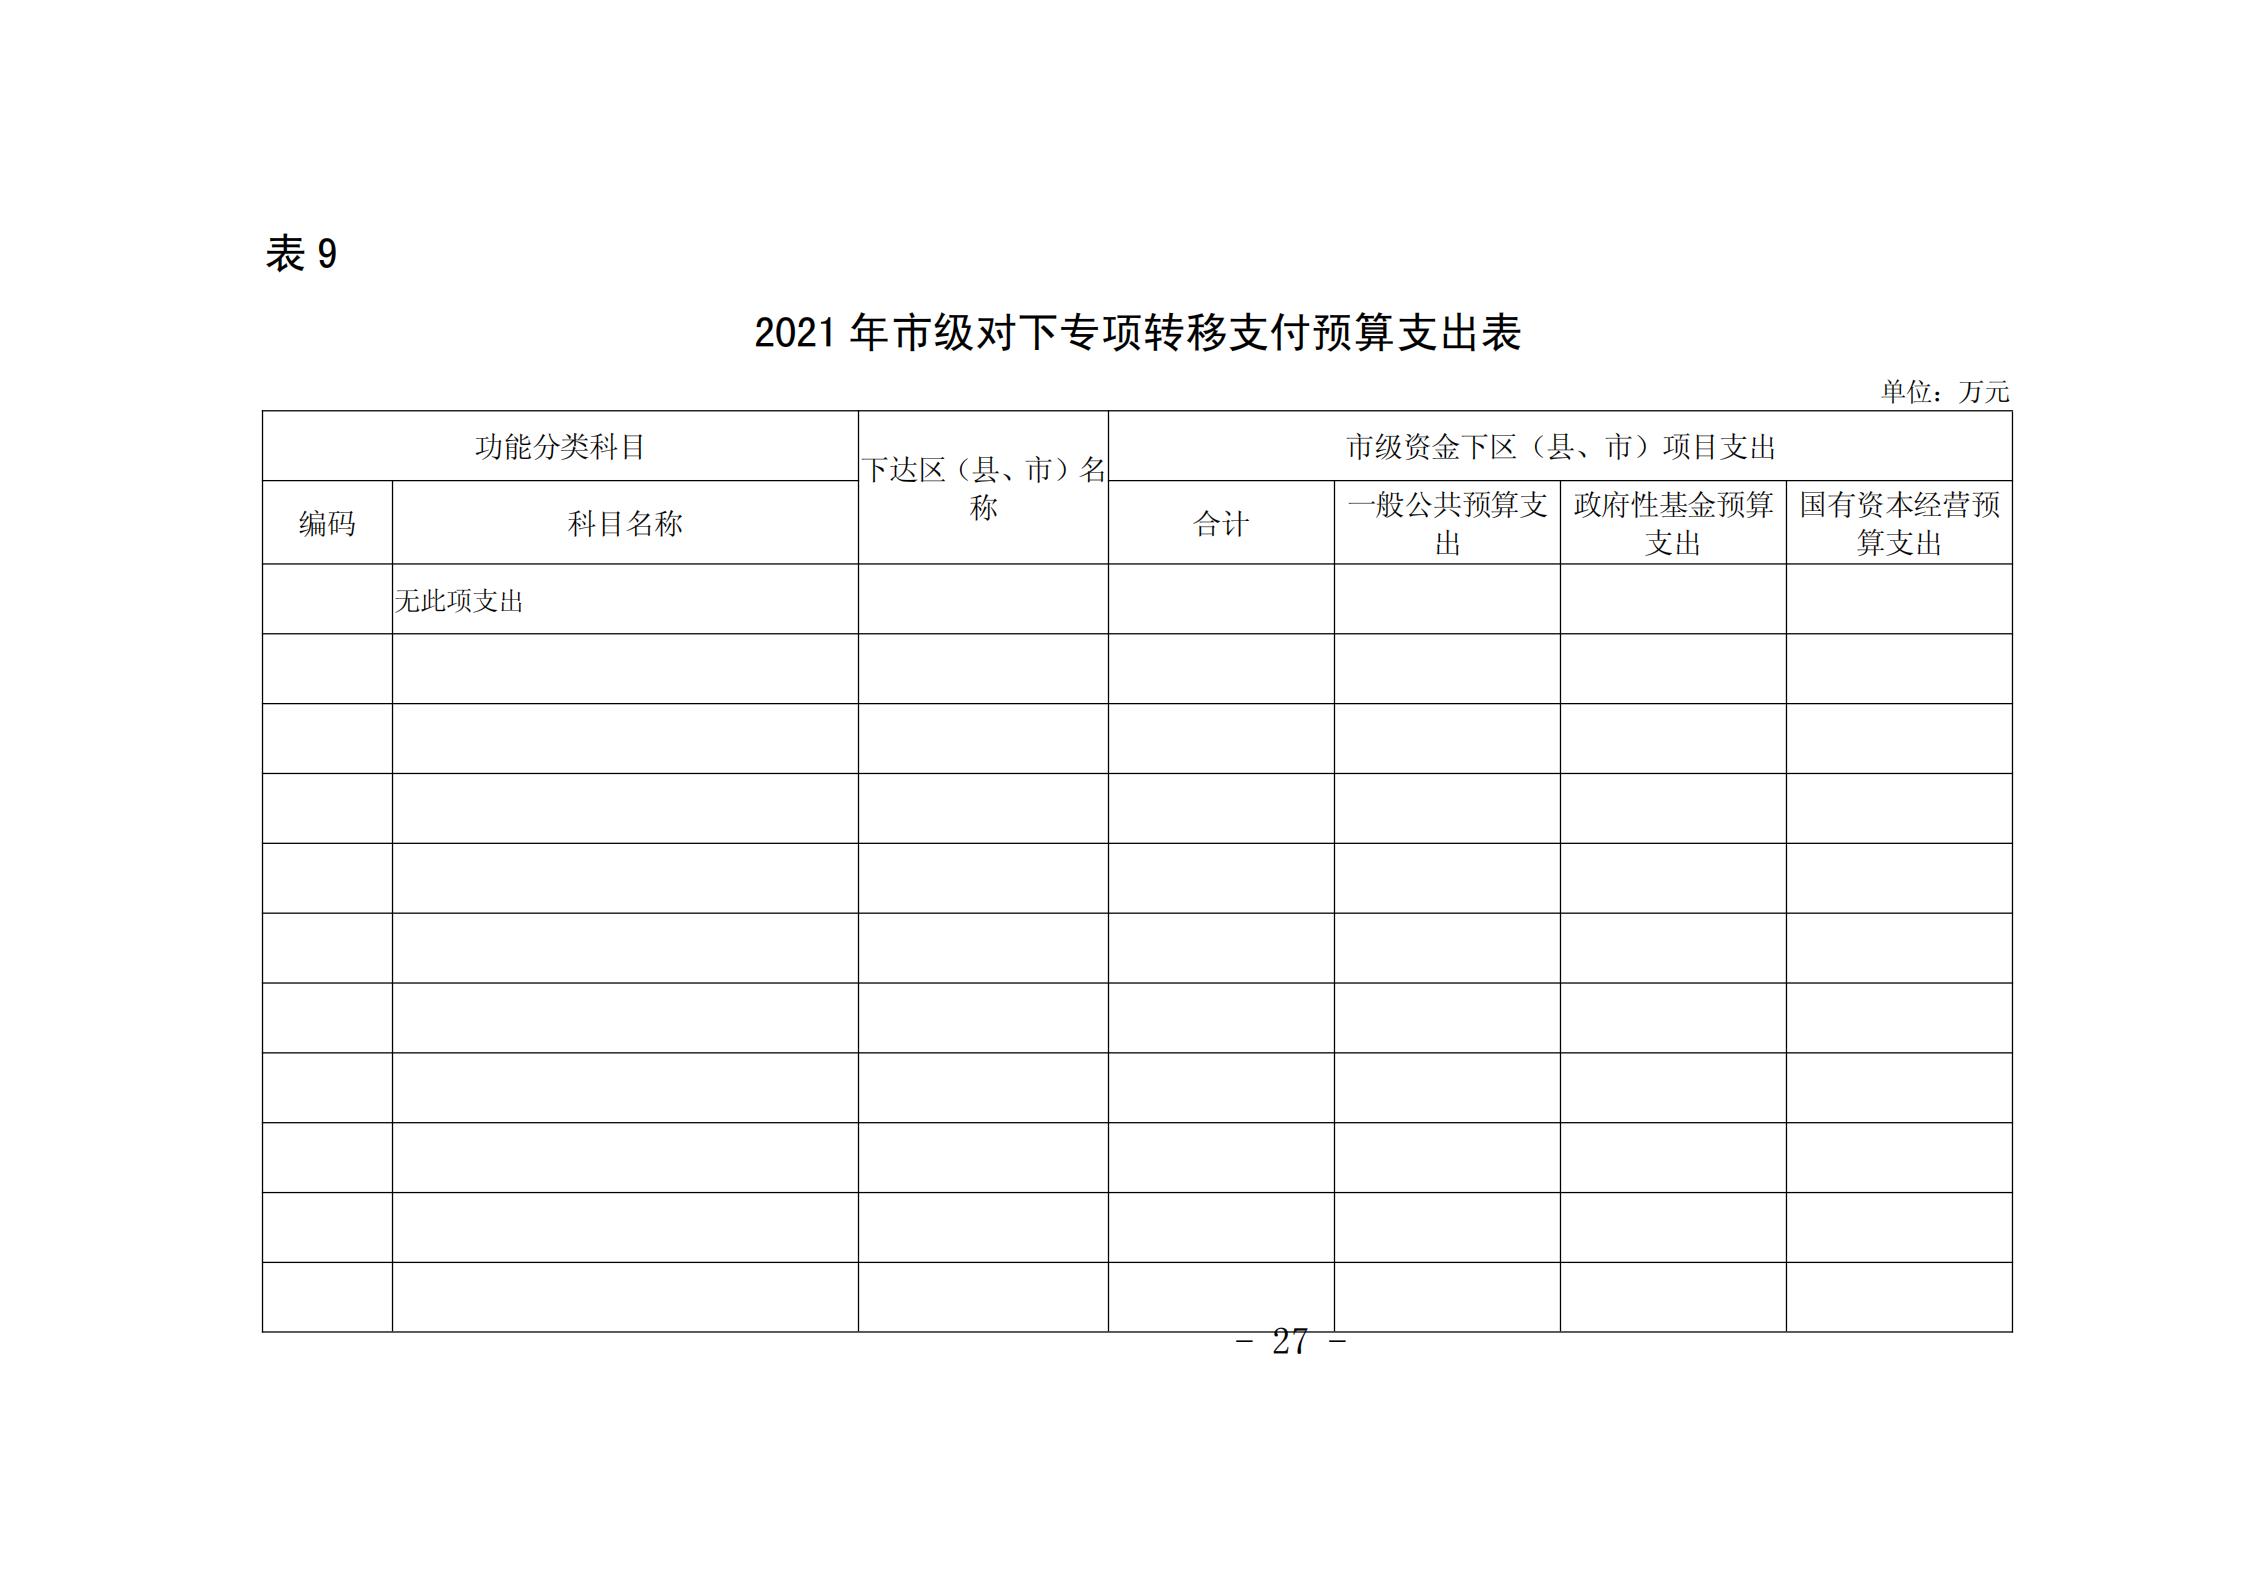 """贵阳市青少年宫2021年度市级部门预算、""""三公""""经费预算公开说明_26.png"""